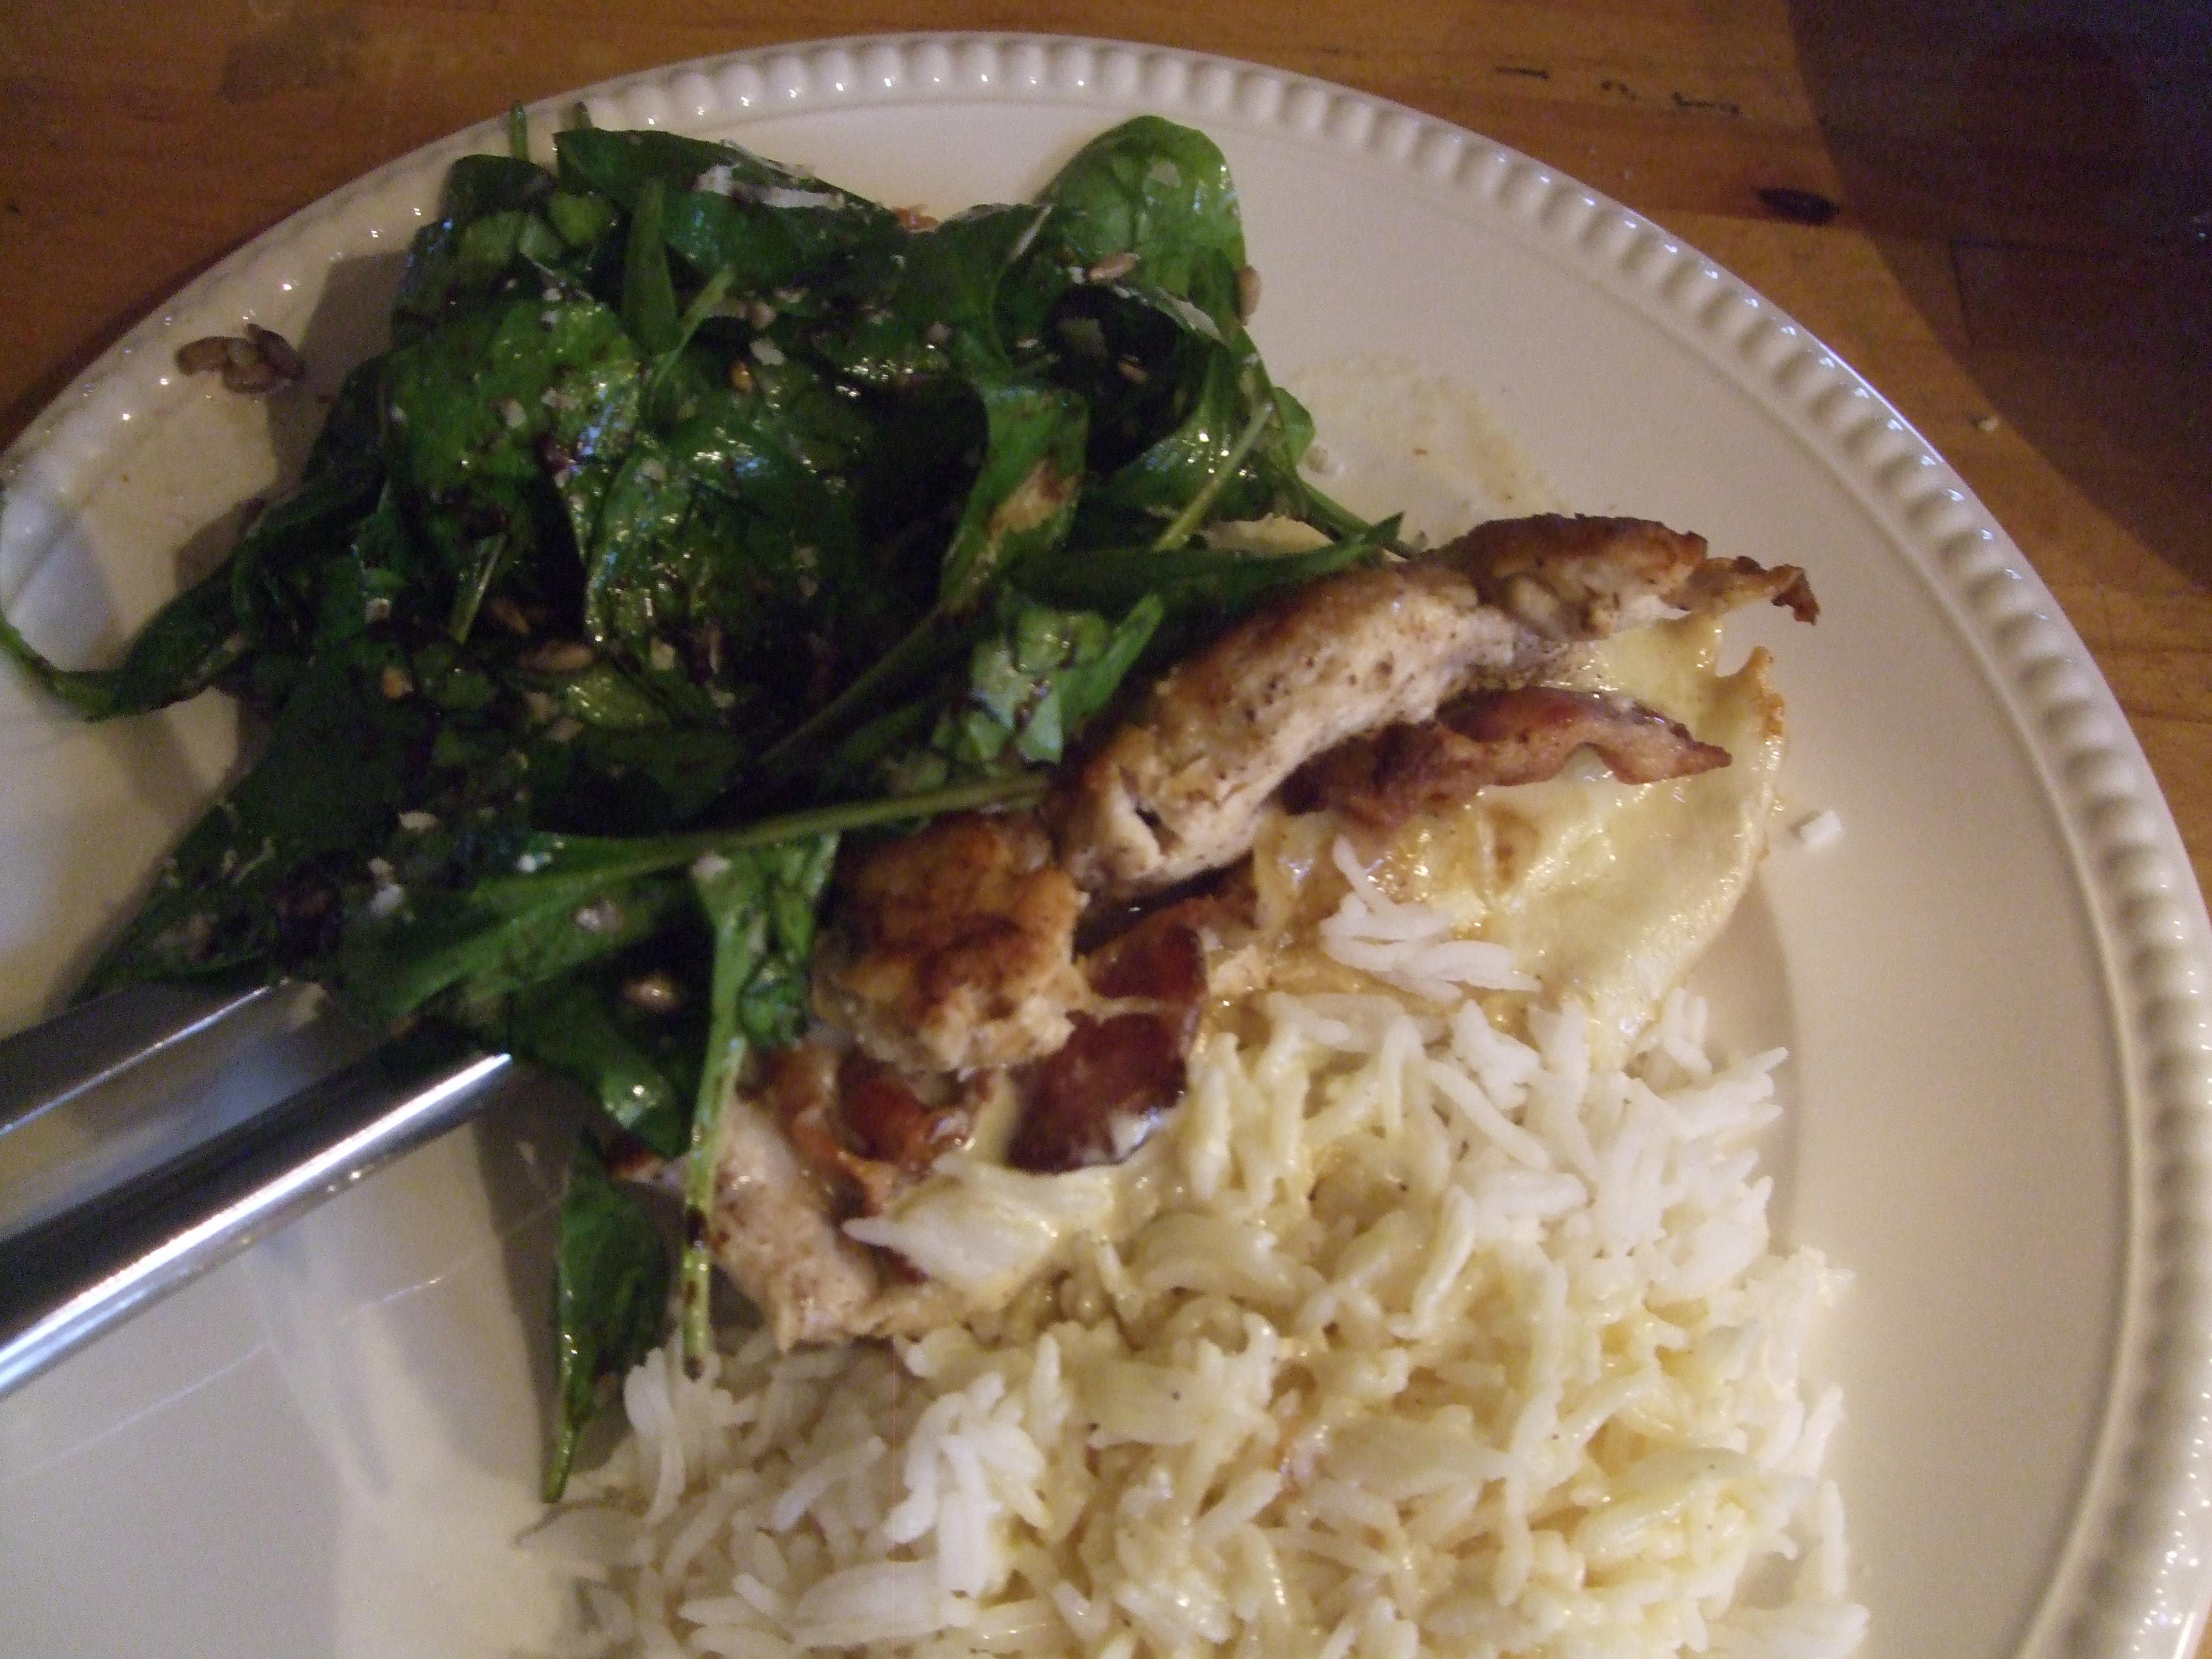 Kylling er sunt, men smaker lite. Prøv denne kyllingen som er fylt med mozarella og bacon. Ingredienser: 1 kyllingfilet pr person 1/2 fersk mozarella pr filet 2 baconskiver salt og […]